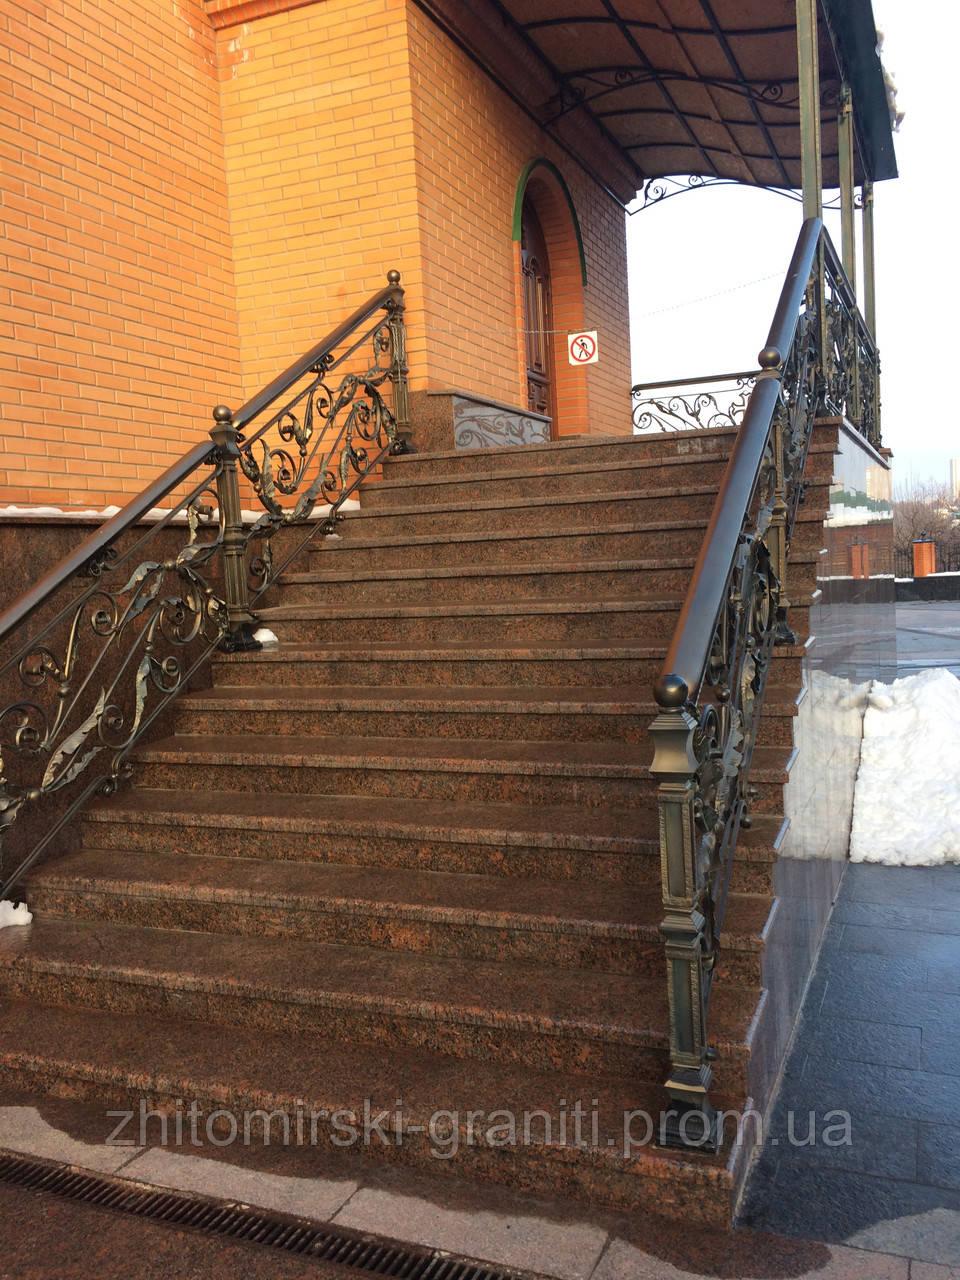 Гранітні сходи фото 4